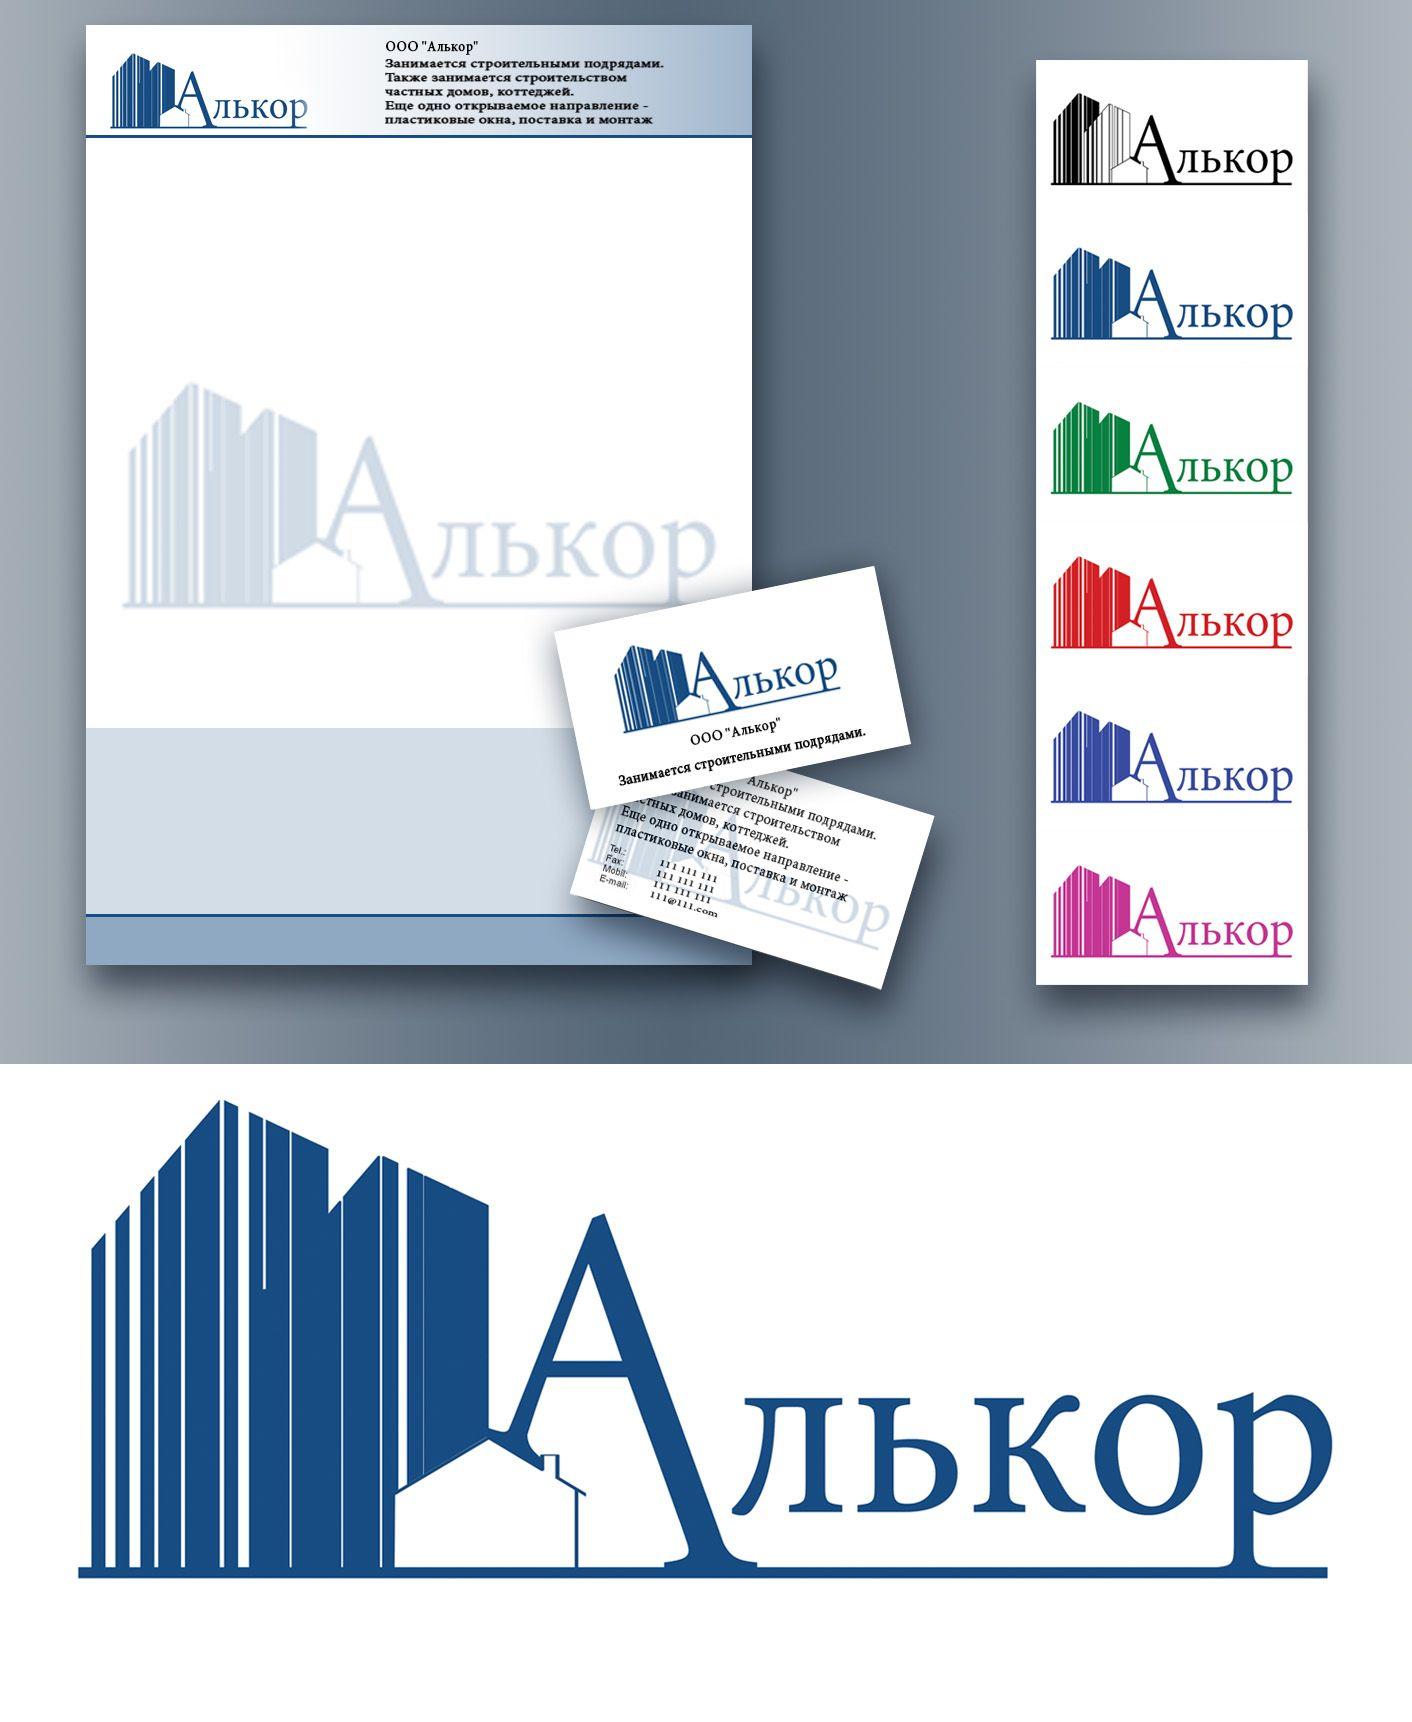 Логотип и фир.стиль для строительной организации - дизайнер ZazArt